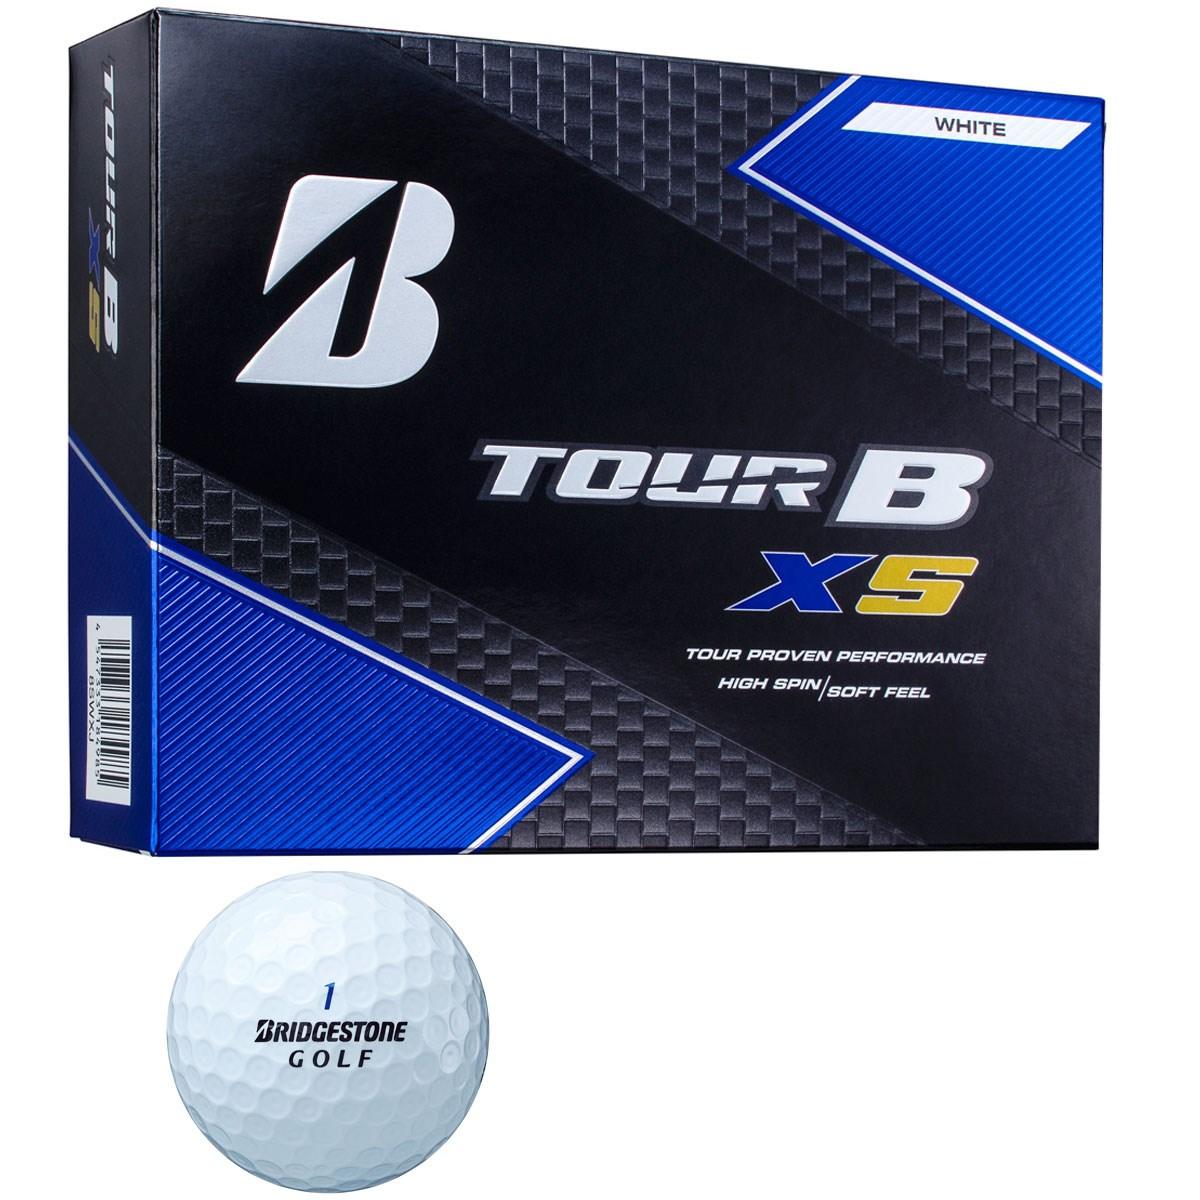 ブリヂストン(BRIDGESTONE GOLF) TOUR B XS BS GOLFロゴ ボール【オンネームサービス有り】